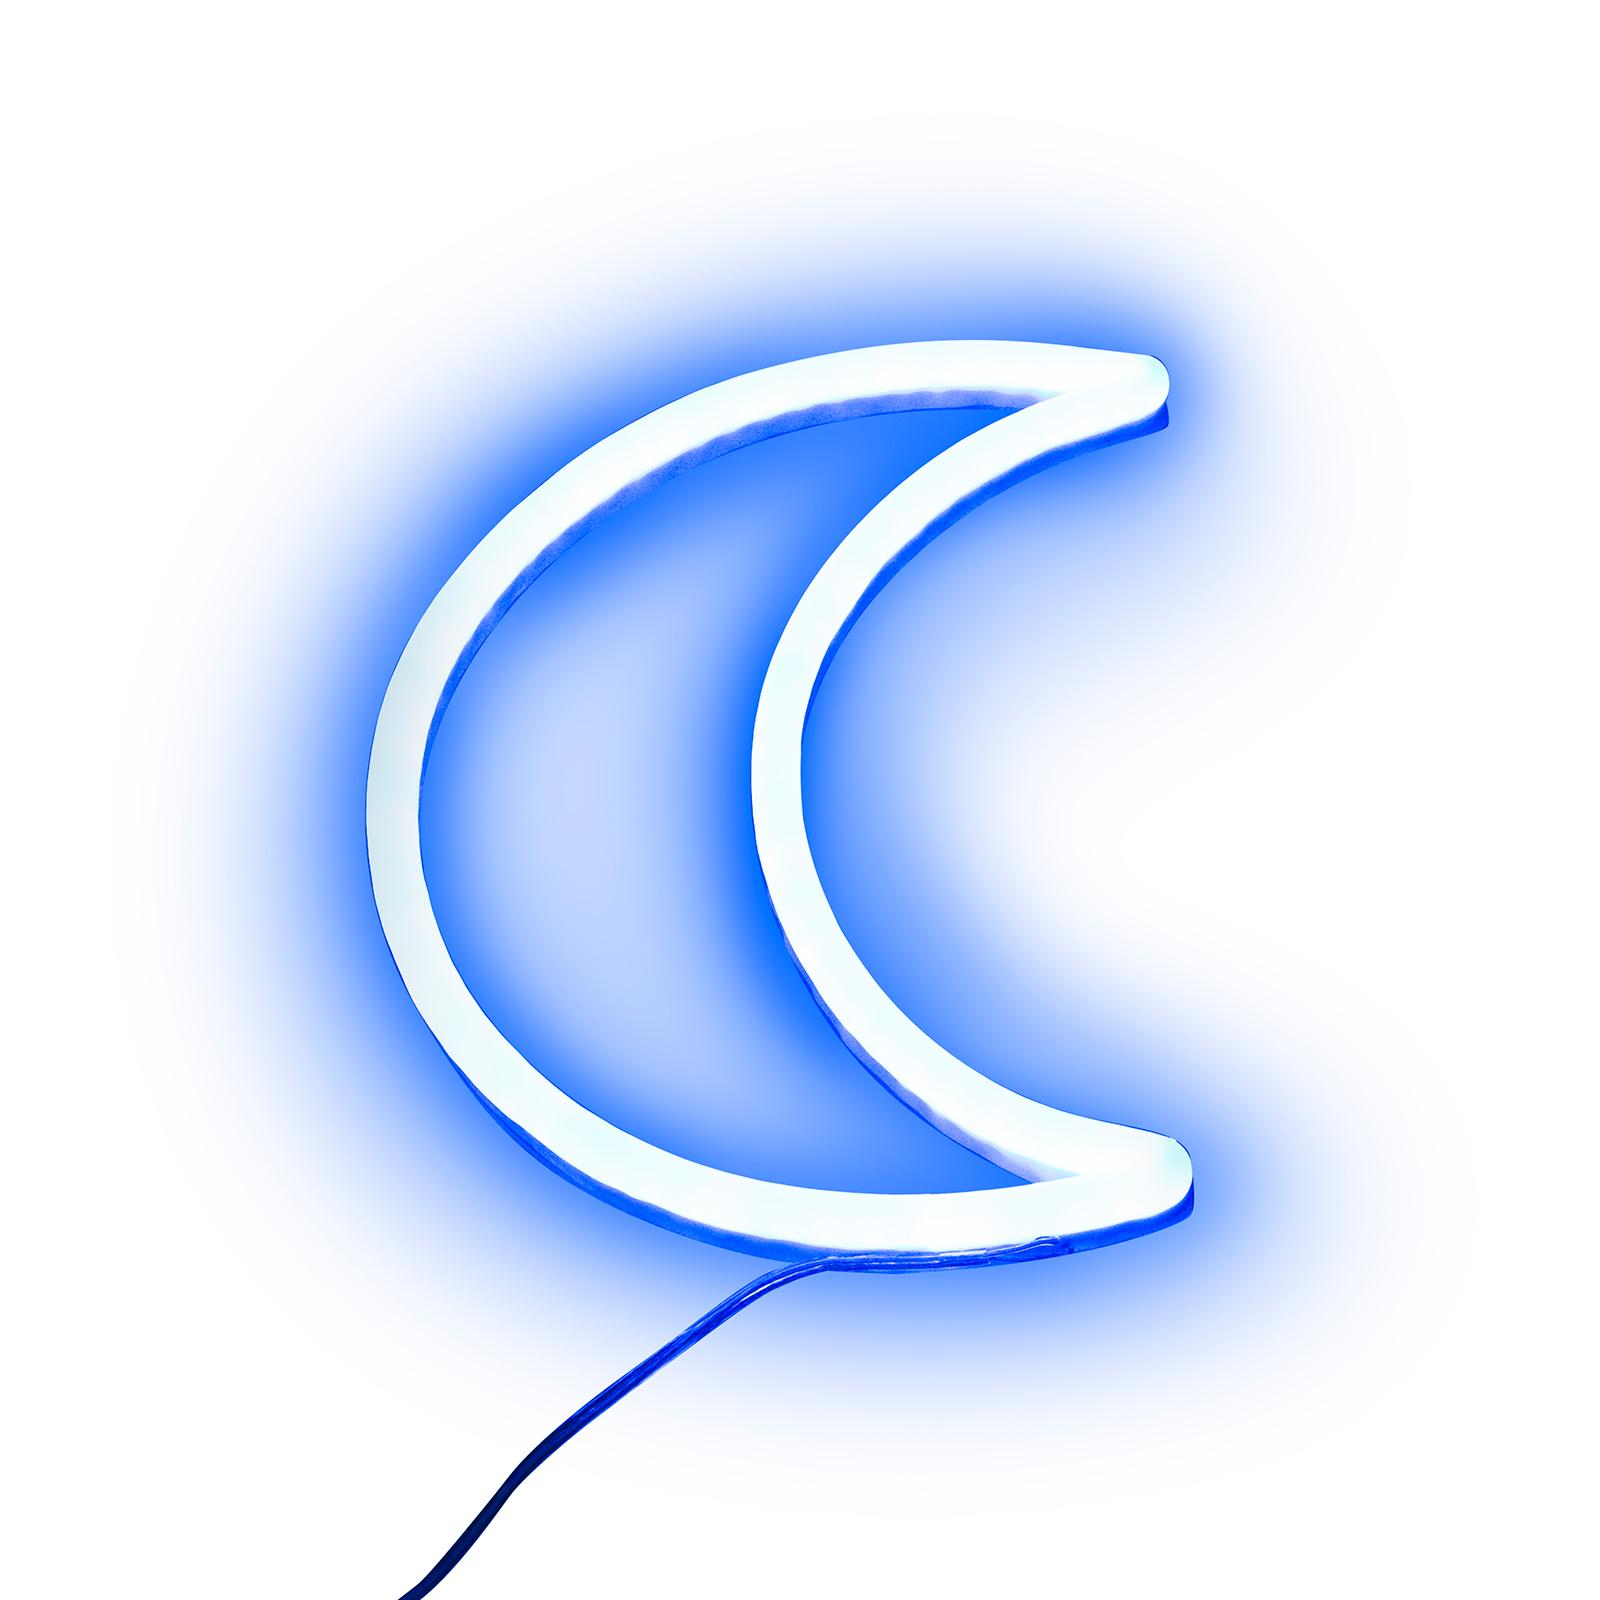 Acquista Lampada LED Neon con telecomando, a luna